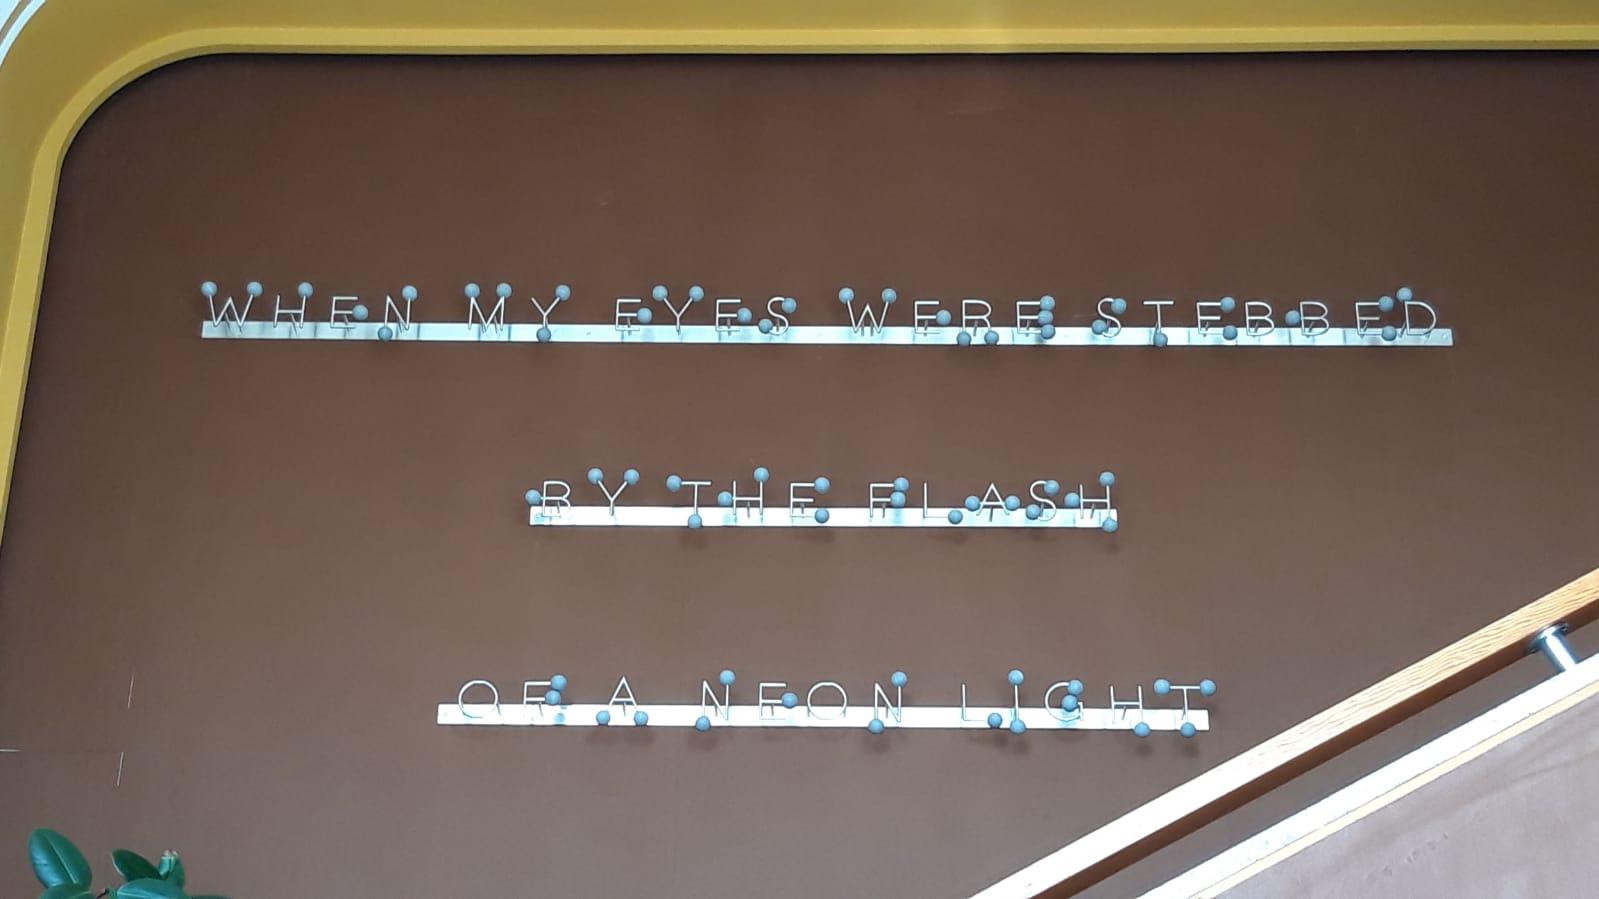 Michele Chiossi scultura SOUND OF SILENCE, 2017 marmo Bardiglio Imperiale, acciaio macchina da musica spartito musicale ombre luci Simon Garfunkel dot punto note musicali installazione permanente azienda site specific VA Albertoni